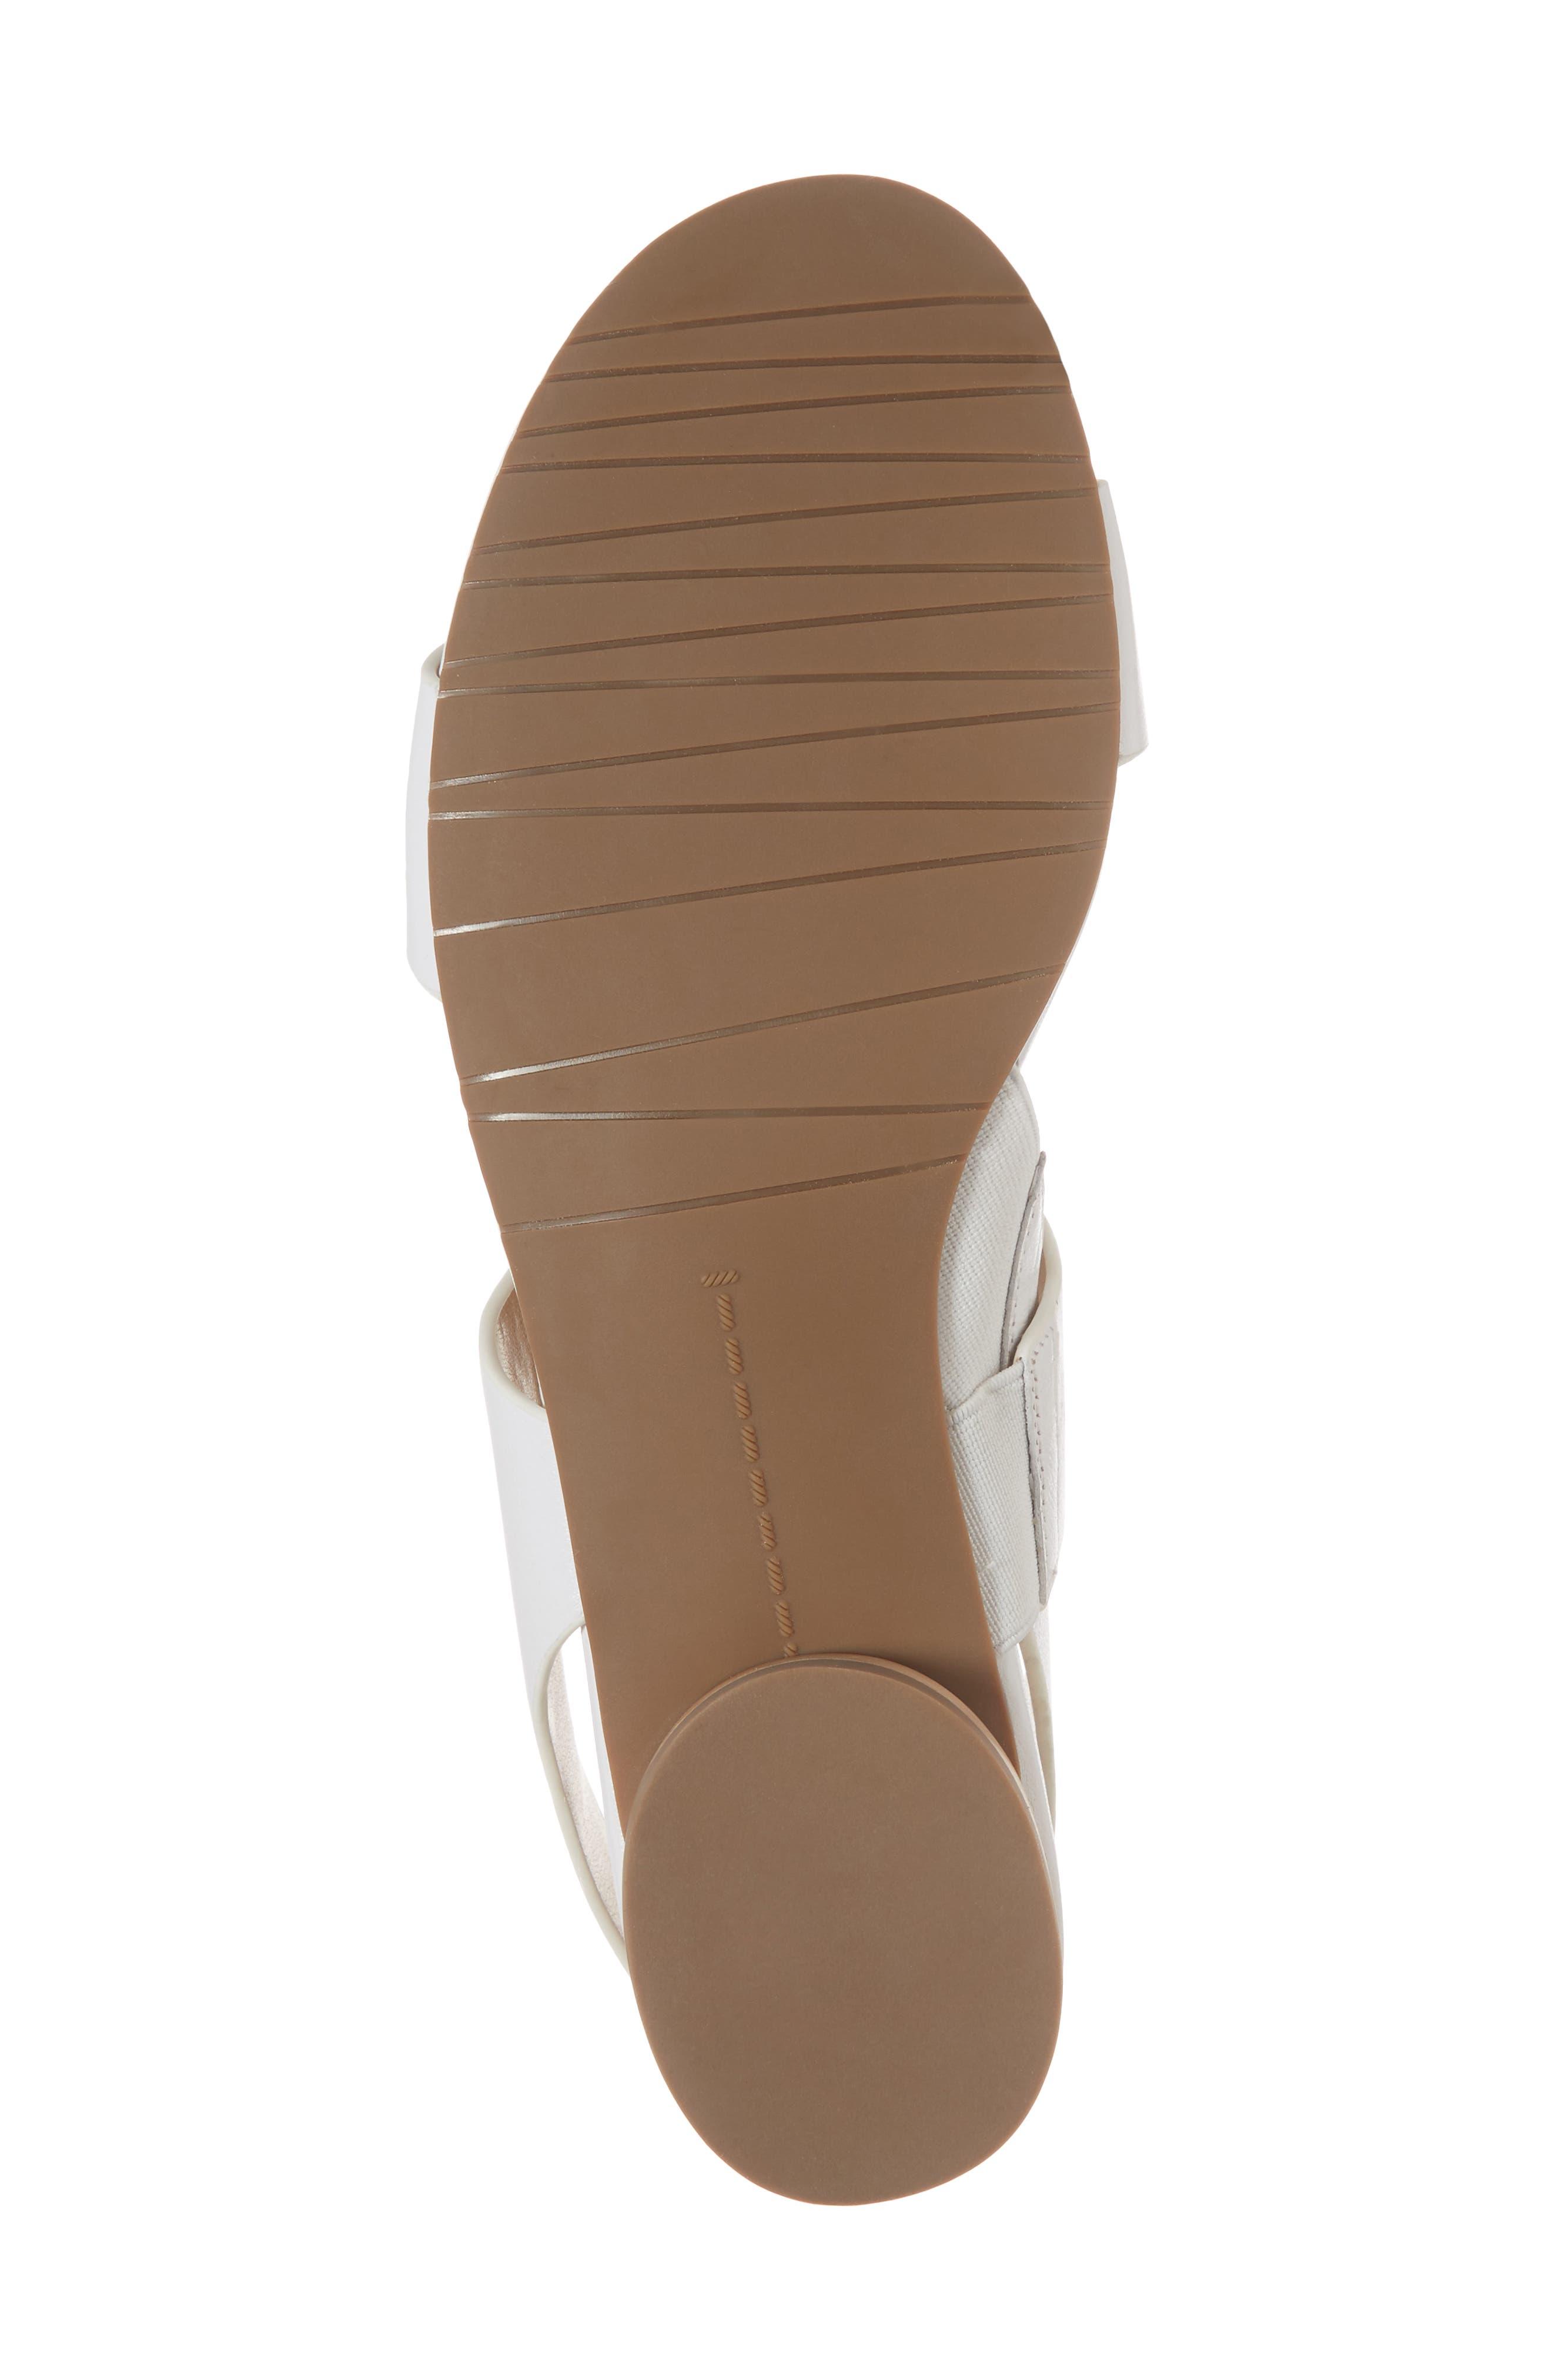 Blanka Sandal,                             Alternate thumbnail 6, color,                             White Leather